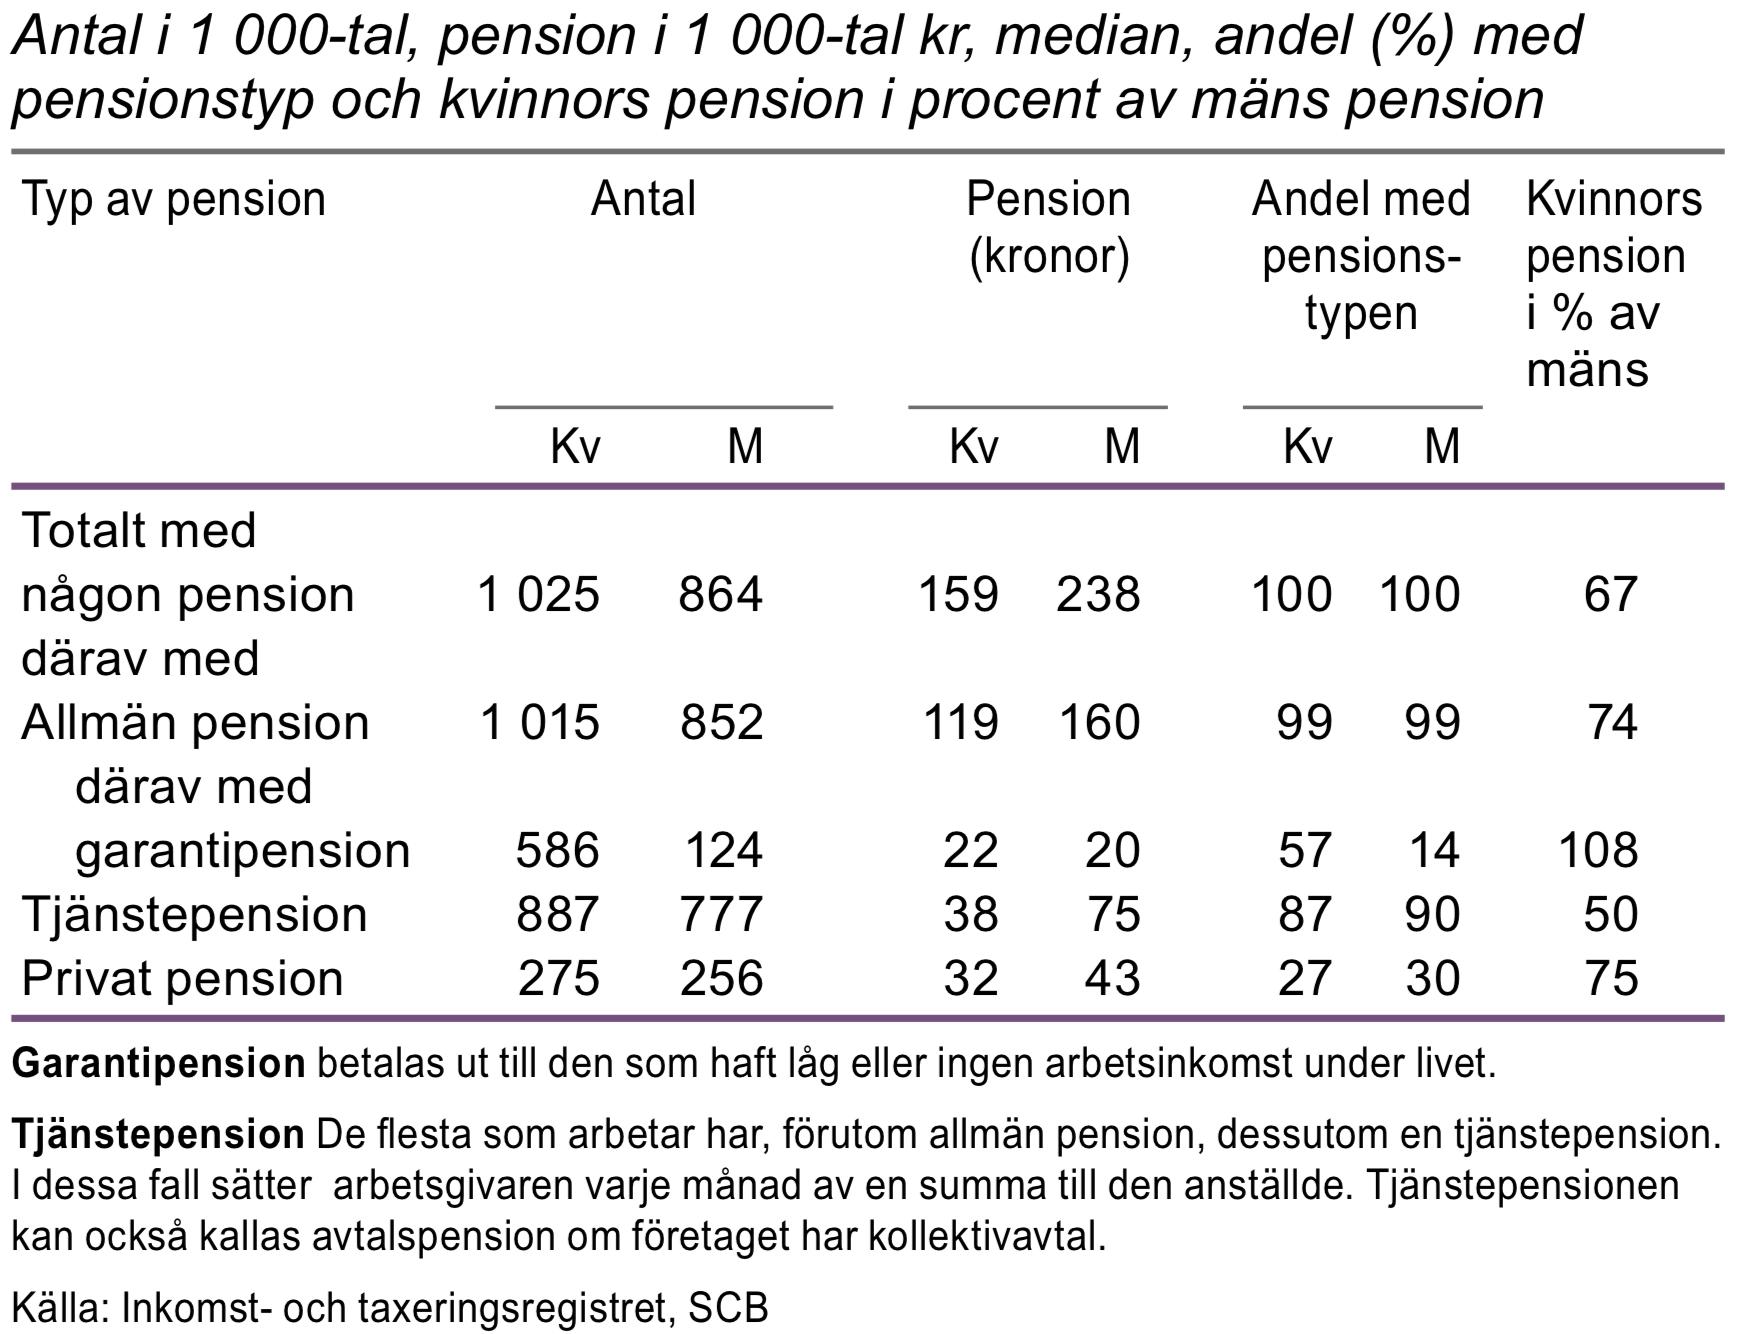 Personer 65 år och äldre efter pensionstyp 2014